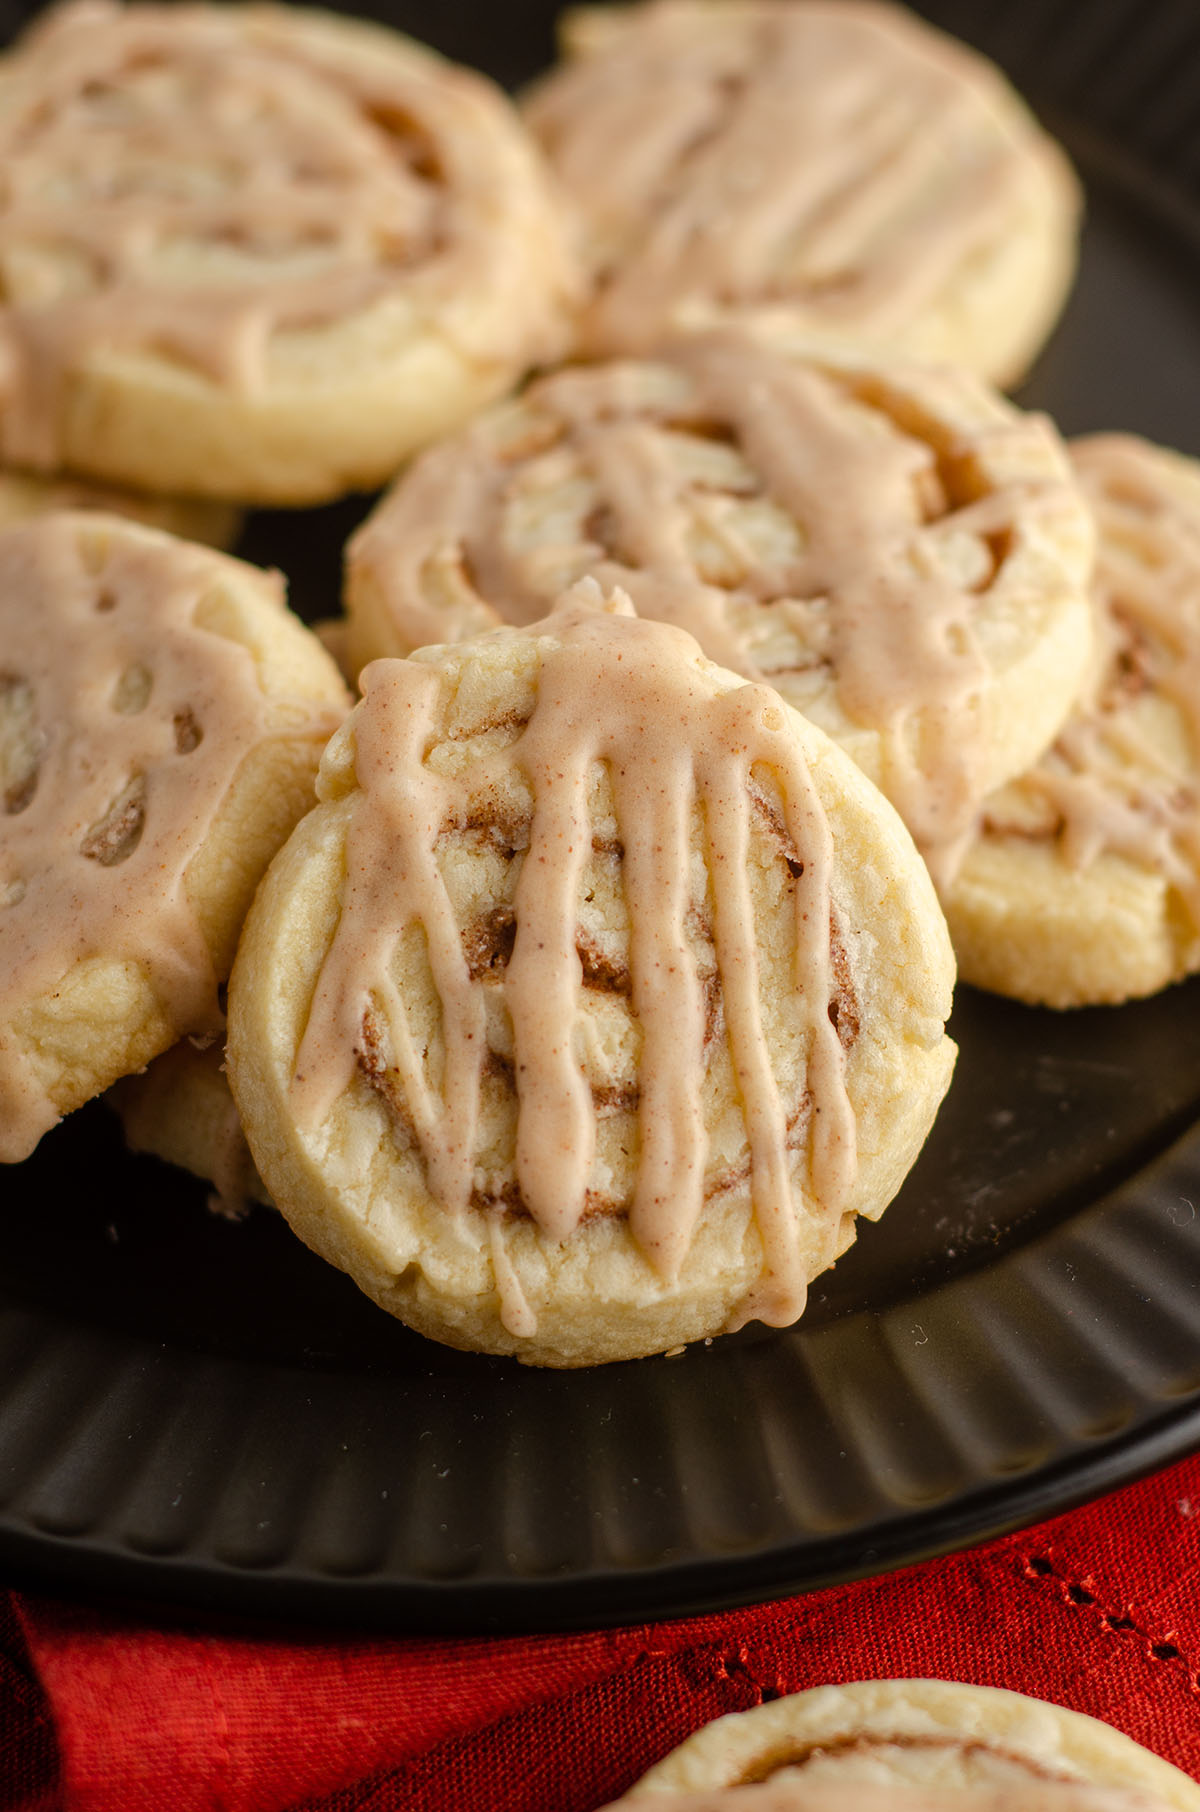 cinnamon pinwheel cookies sitting on a black plate